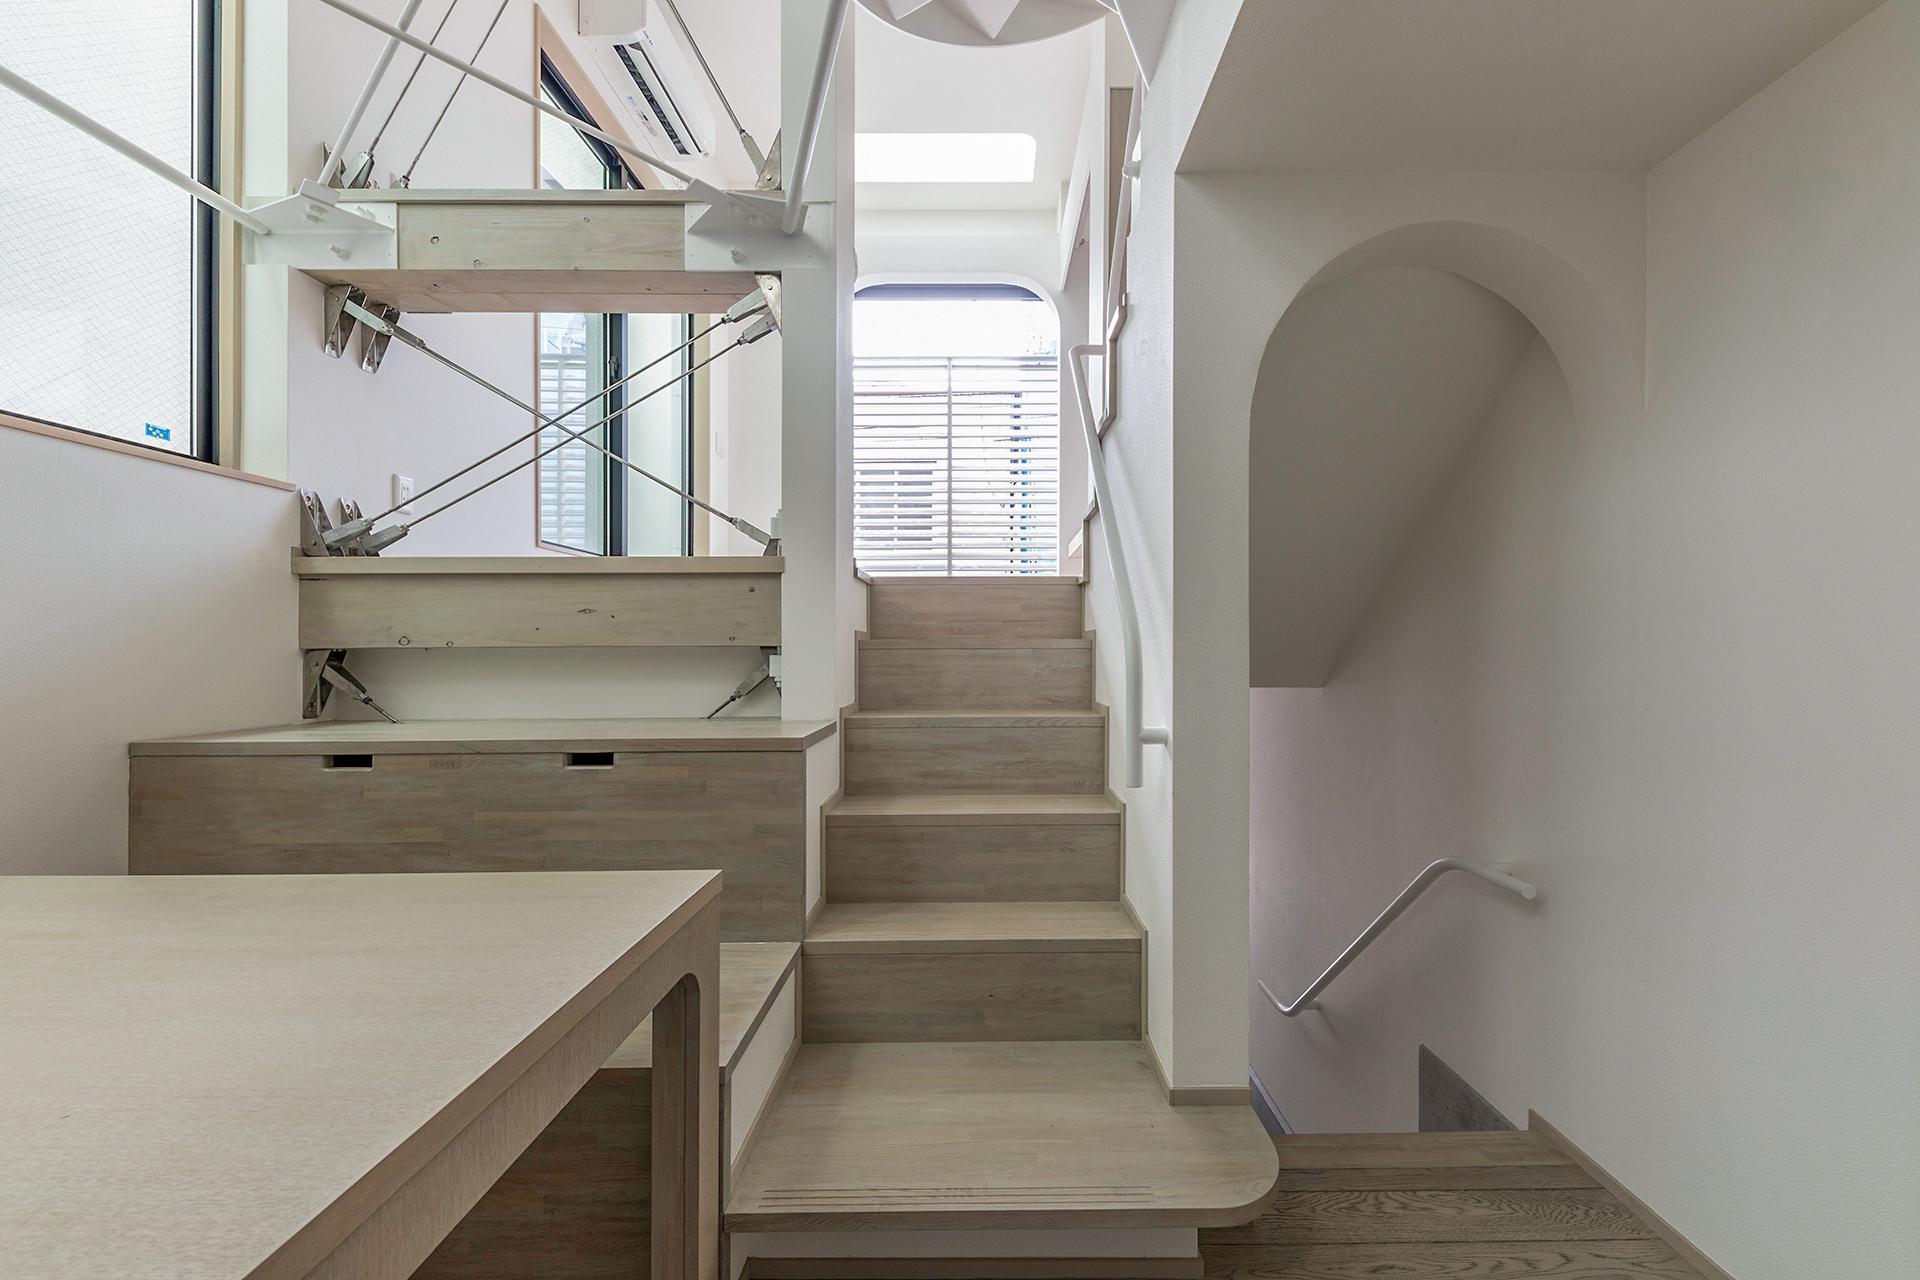 「6坪の家」 イメージ2 撮影:東涌写真事務所・東涌宏和